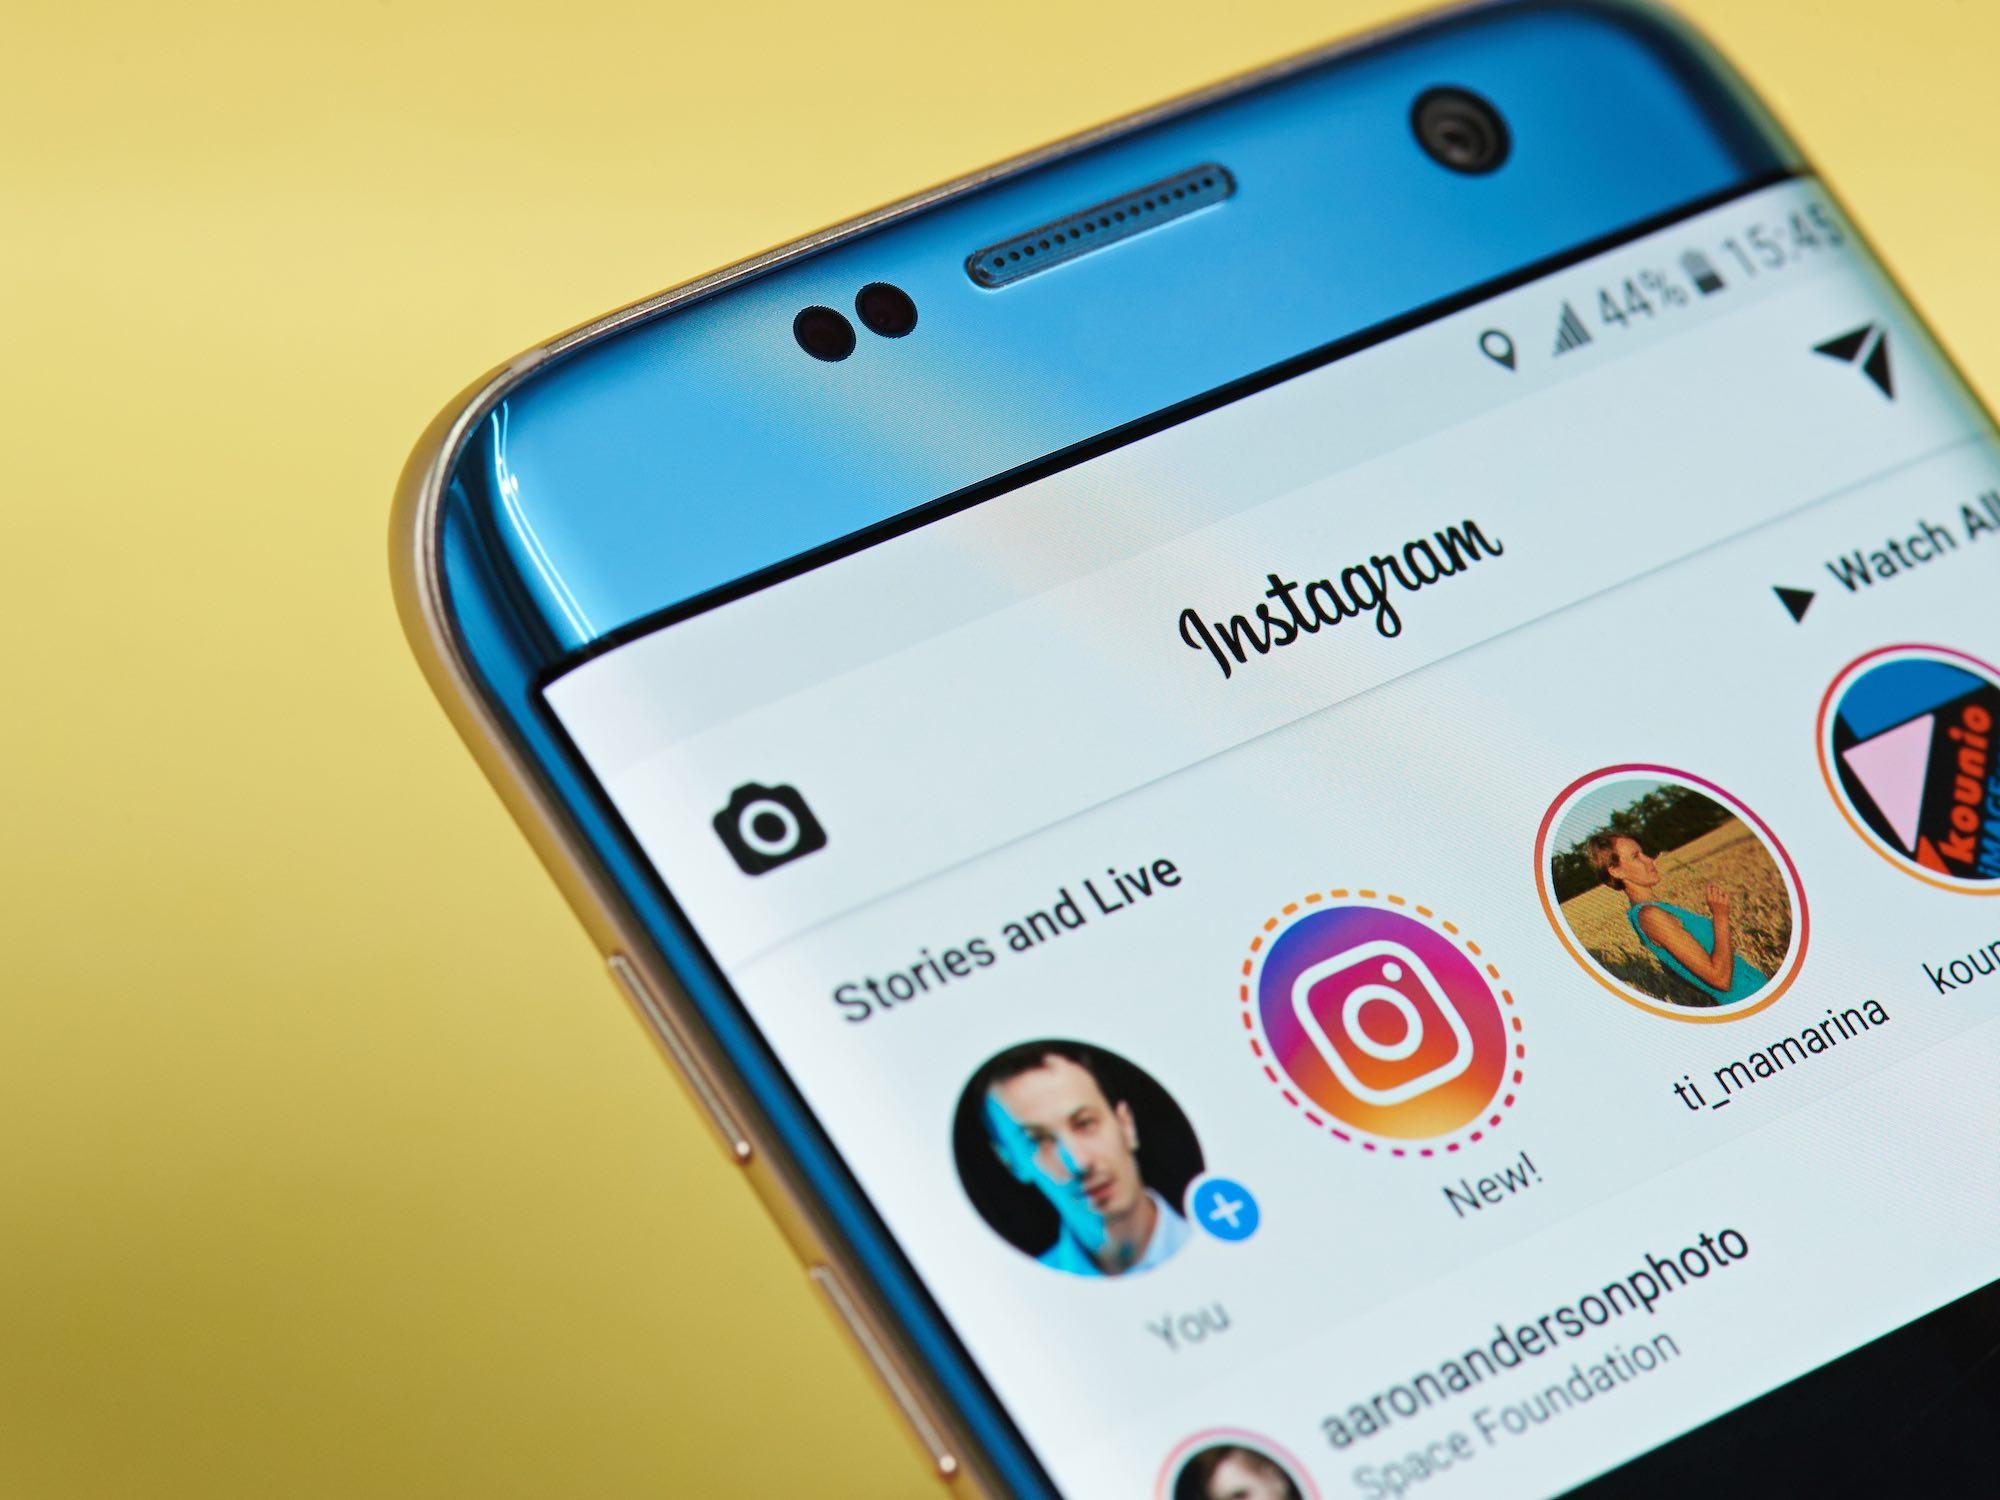 Réalité augmentée Instagram